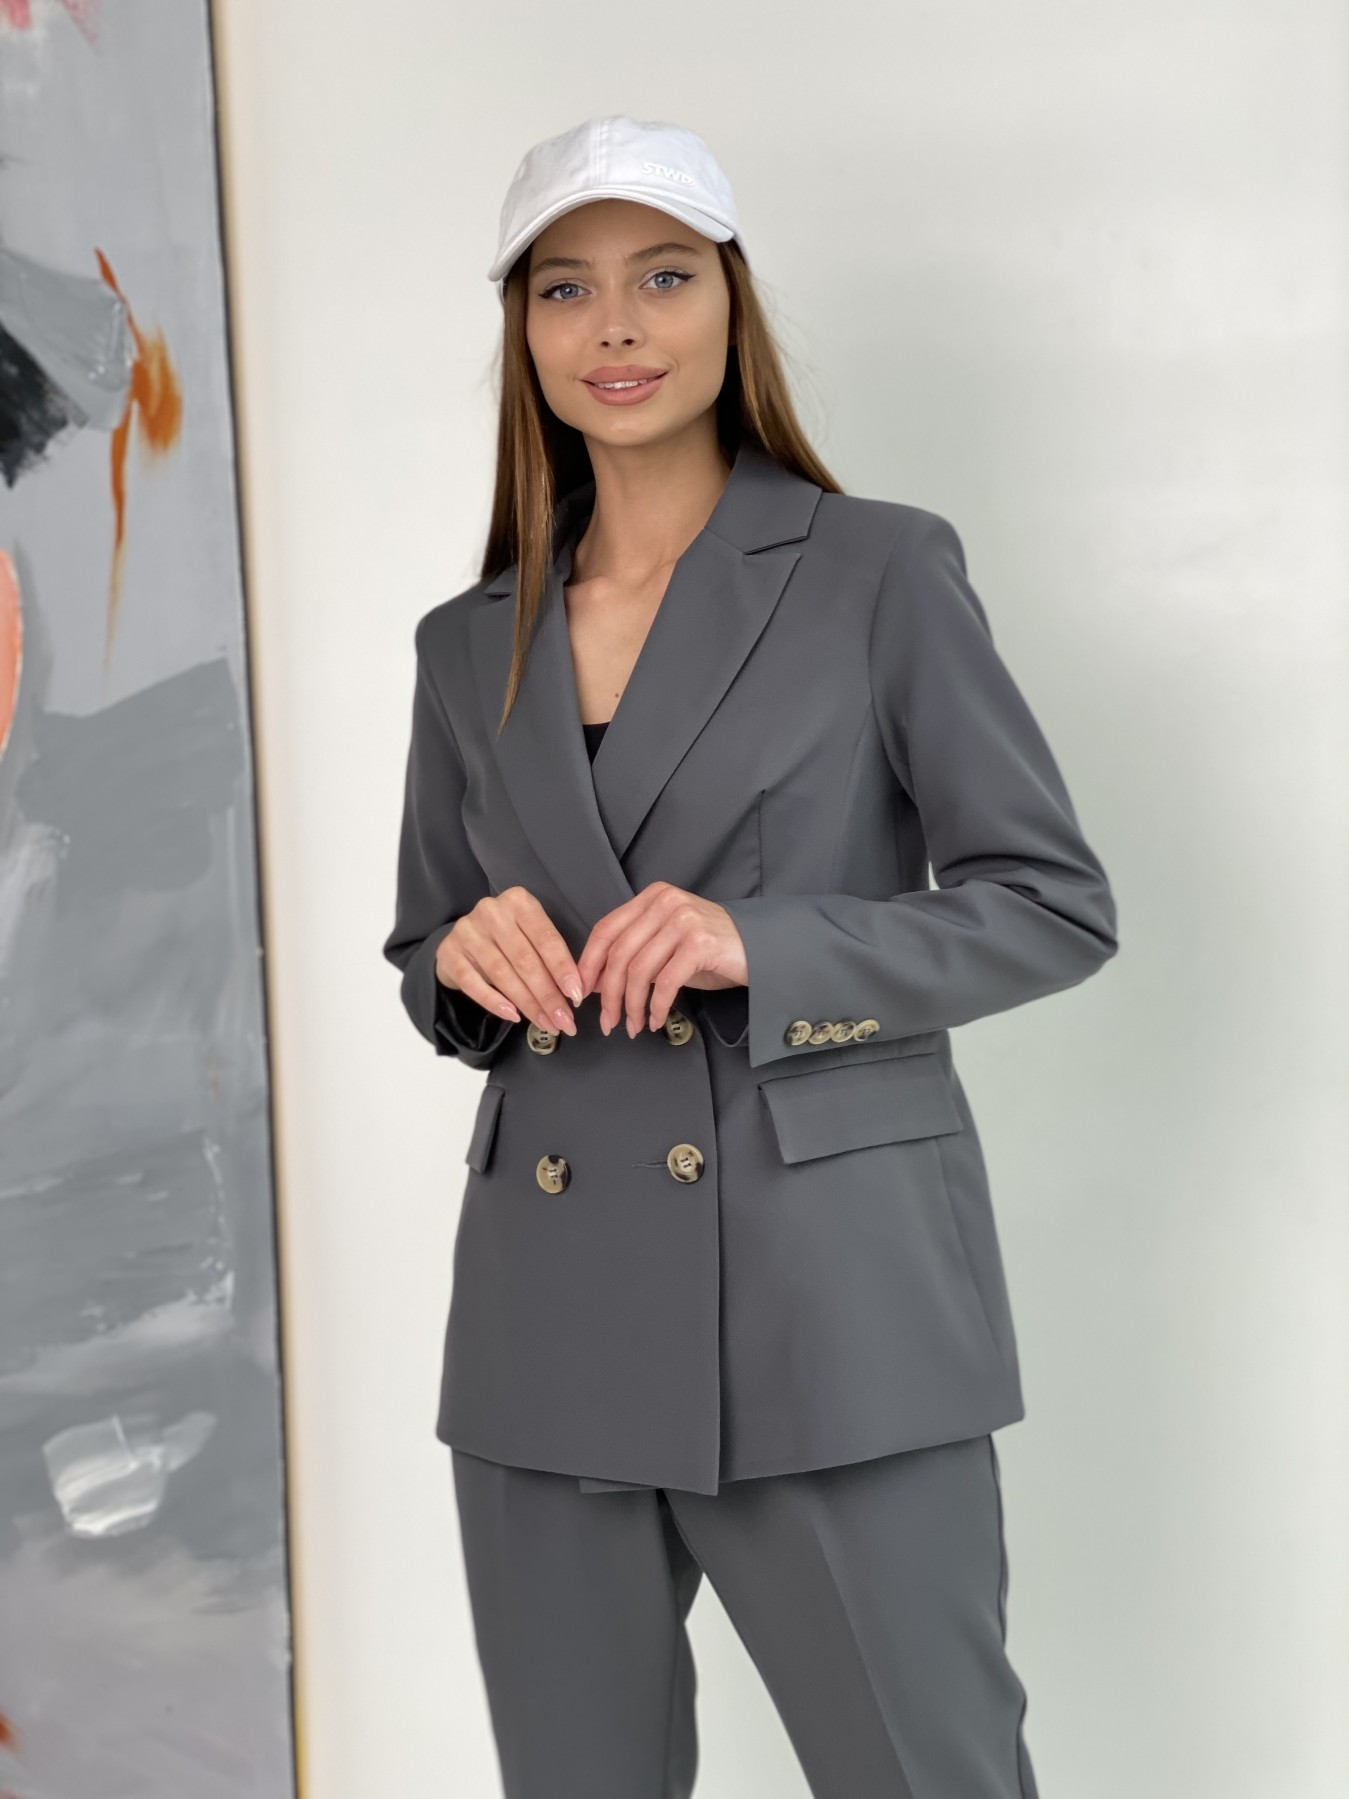 Франко костюм из костюмной ткани 11090 АРТ. 47975 Цвет: Графит - фото 5, интернет магазин tm-modus.ru